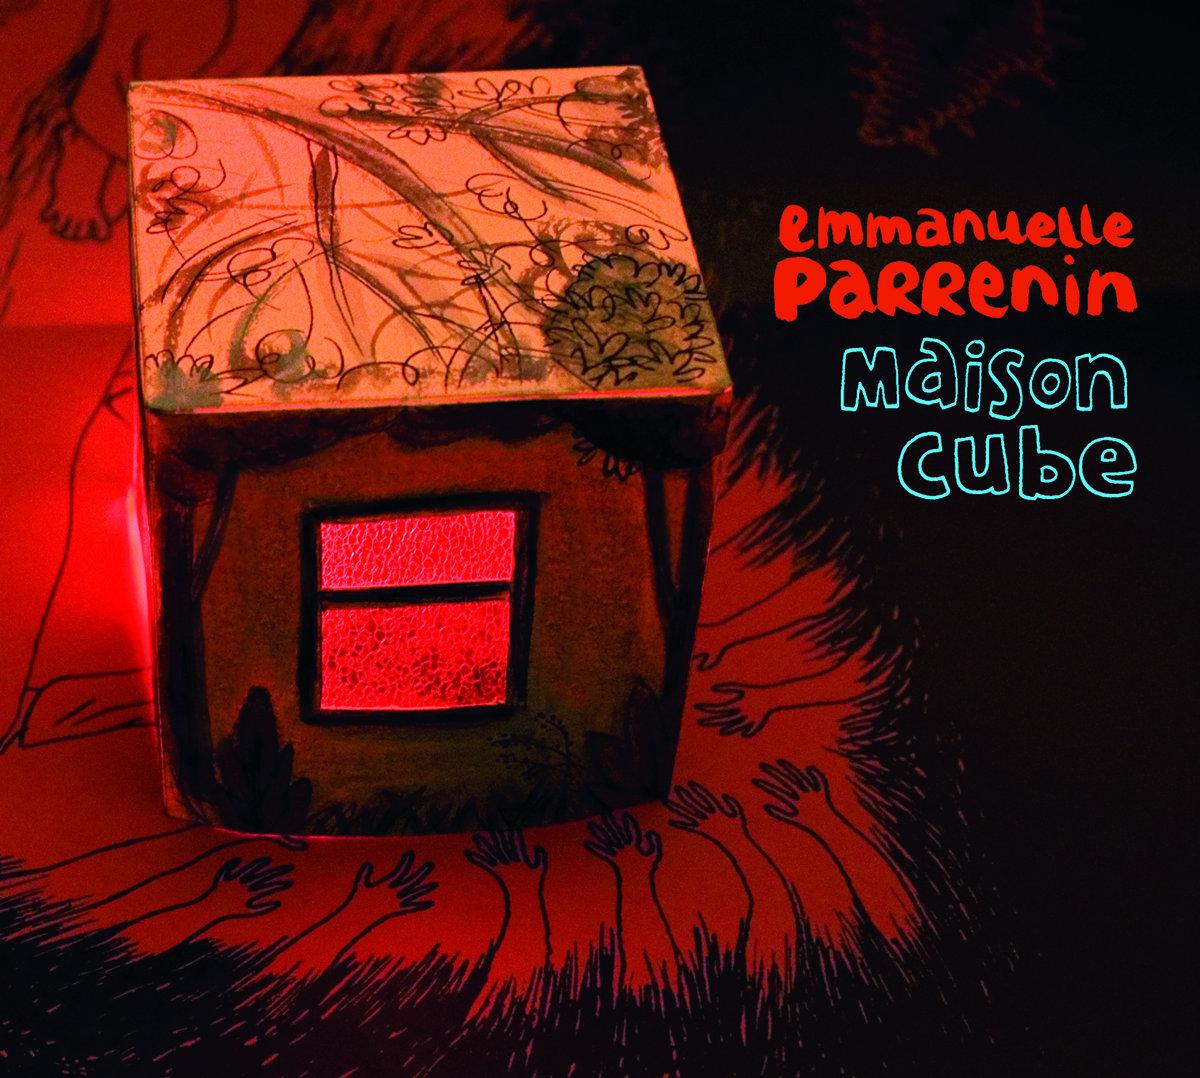 Emmanuelle Parrenin Maison Cube